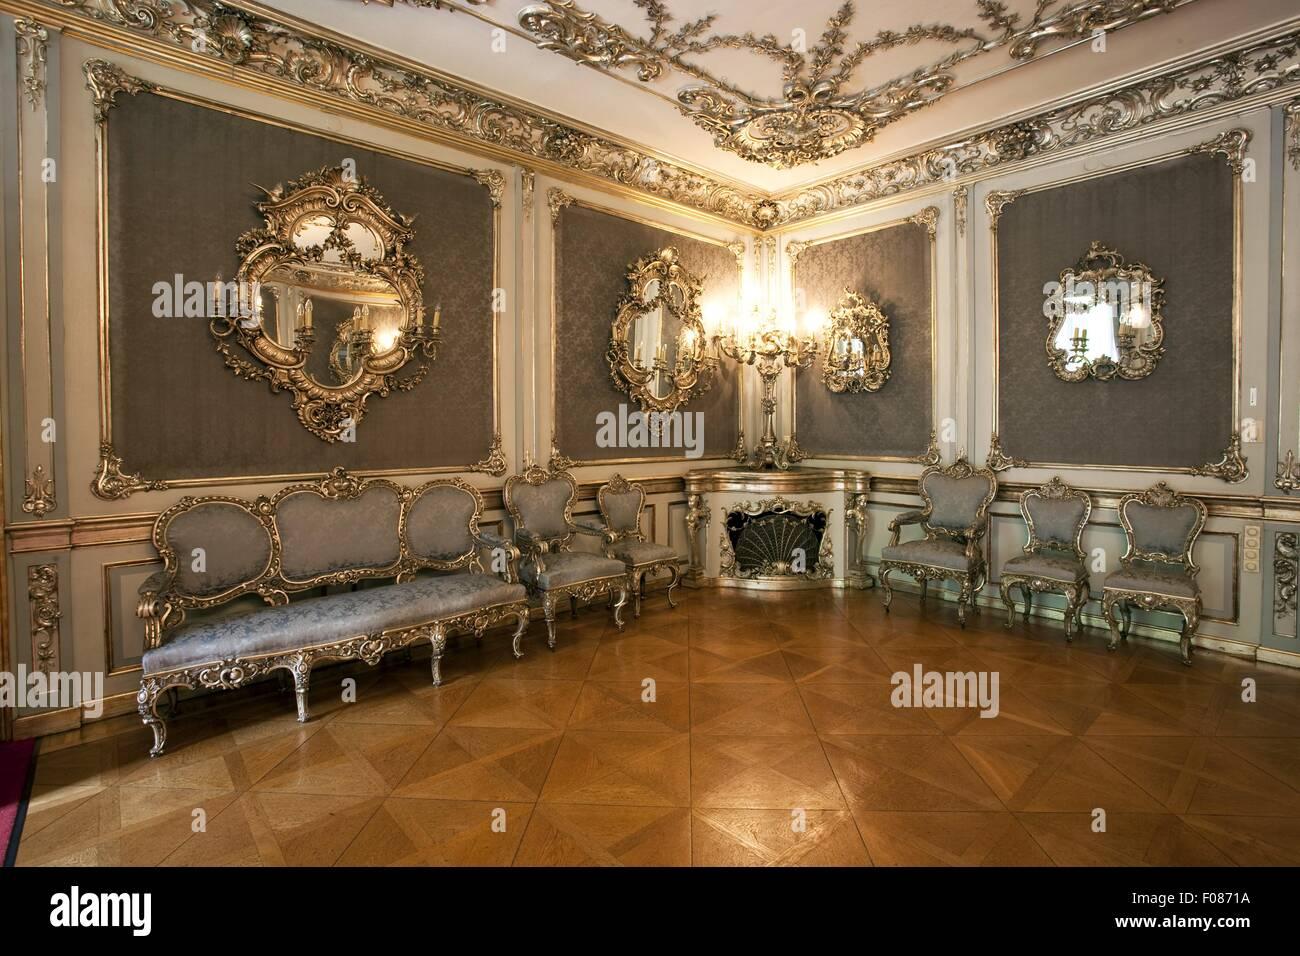 vergoldete spiegel in schloss st emmeram in regensburg deutschland stockfoto bild 86232982. Black Bedroom Furniture Sets. Home Design Ideas